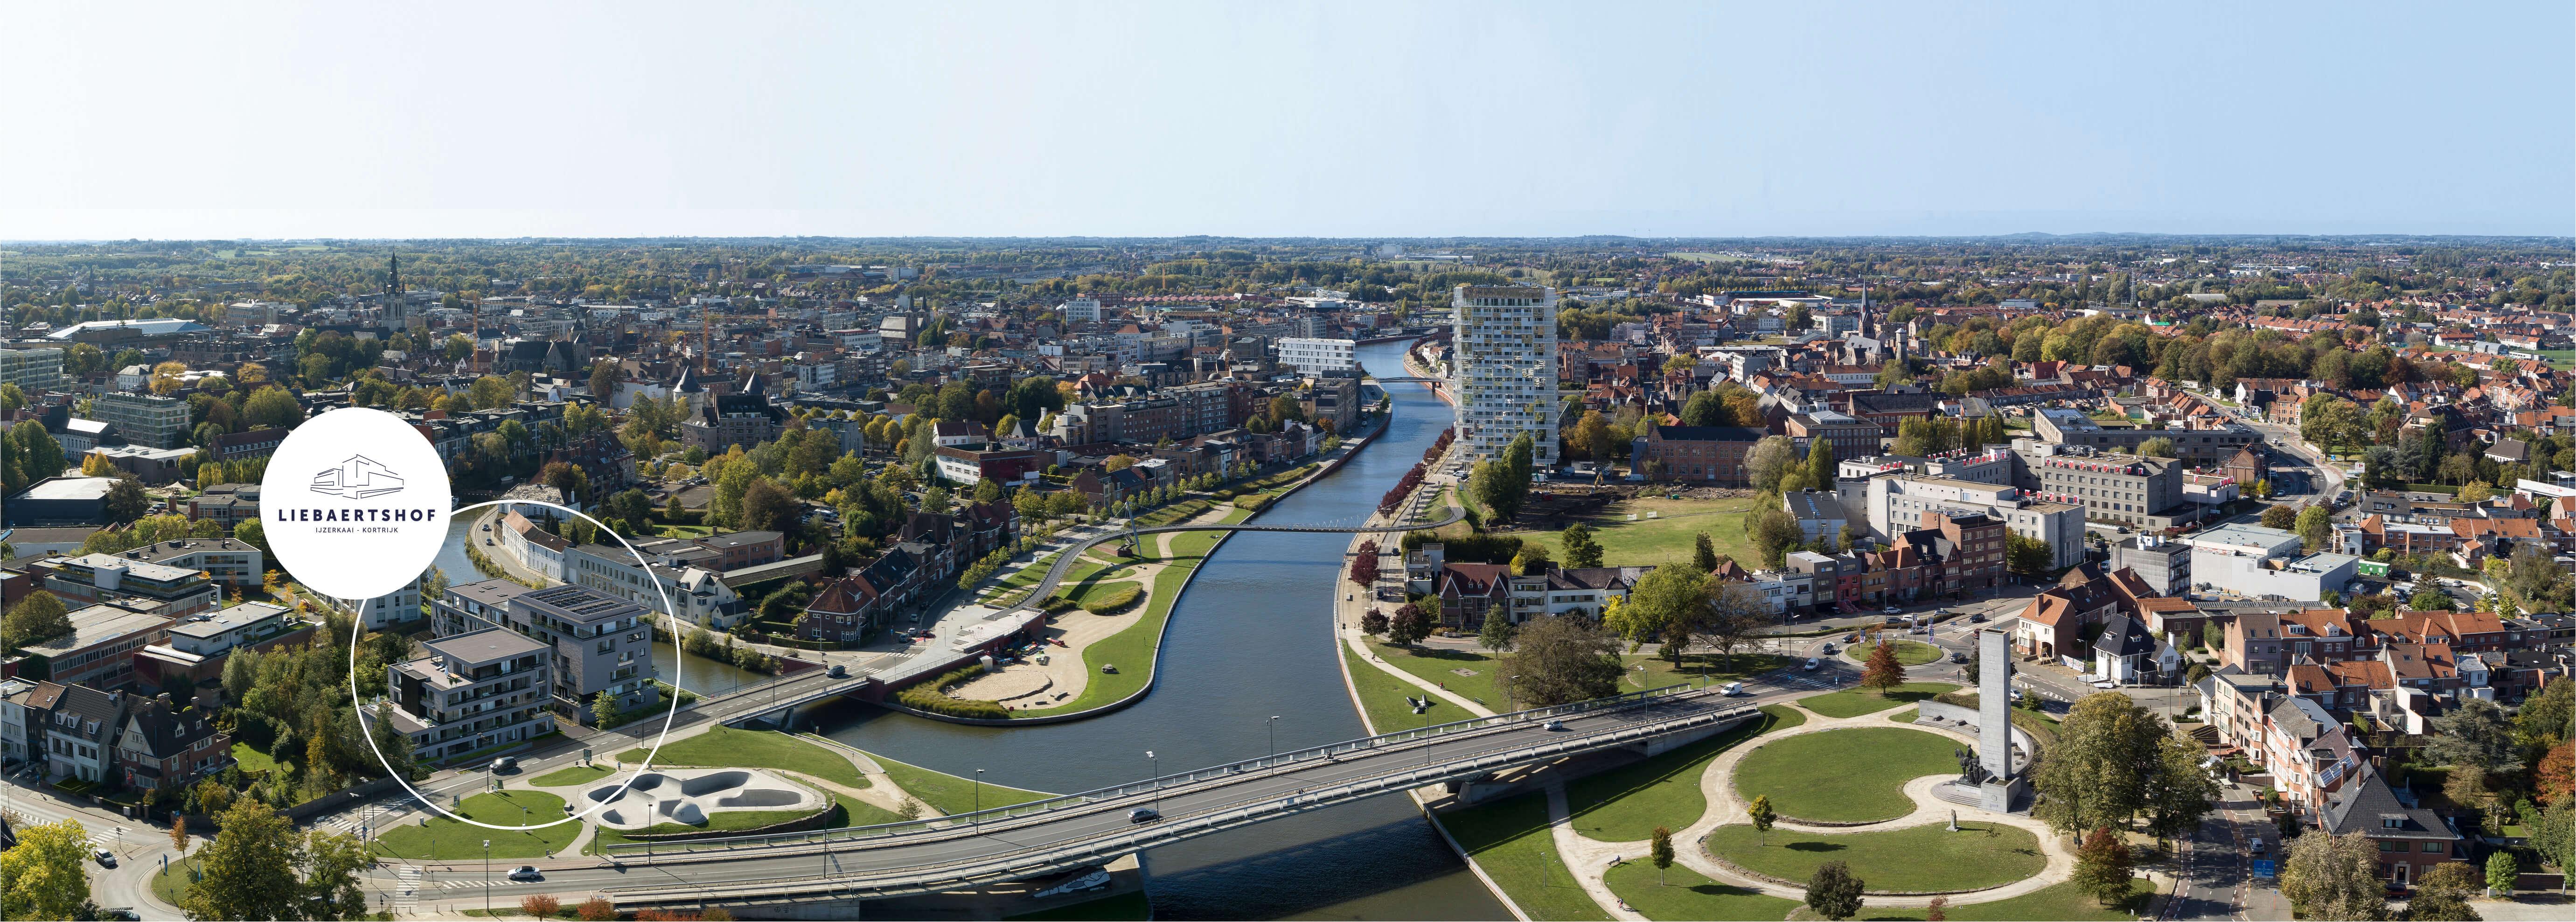 Liebaertshof Julien Marie Ijzerkaai Overview Hotspots Troeven